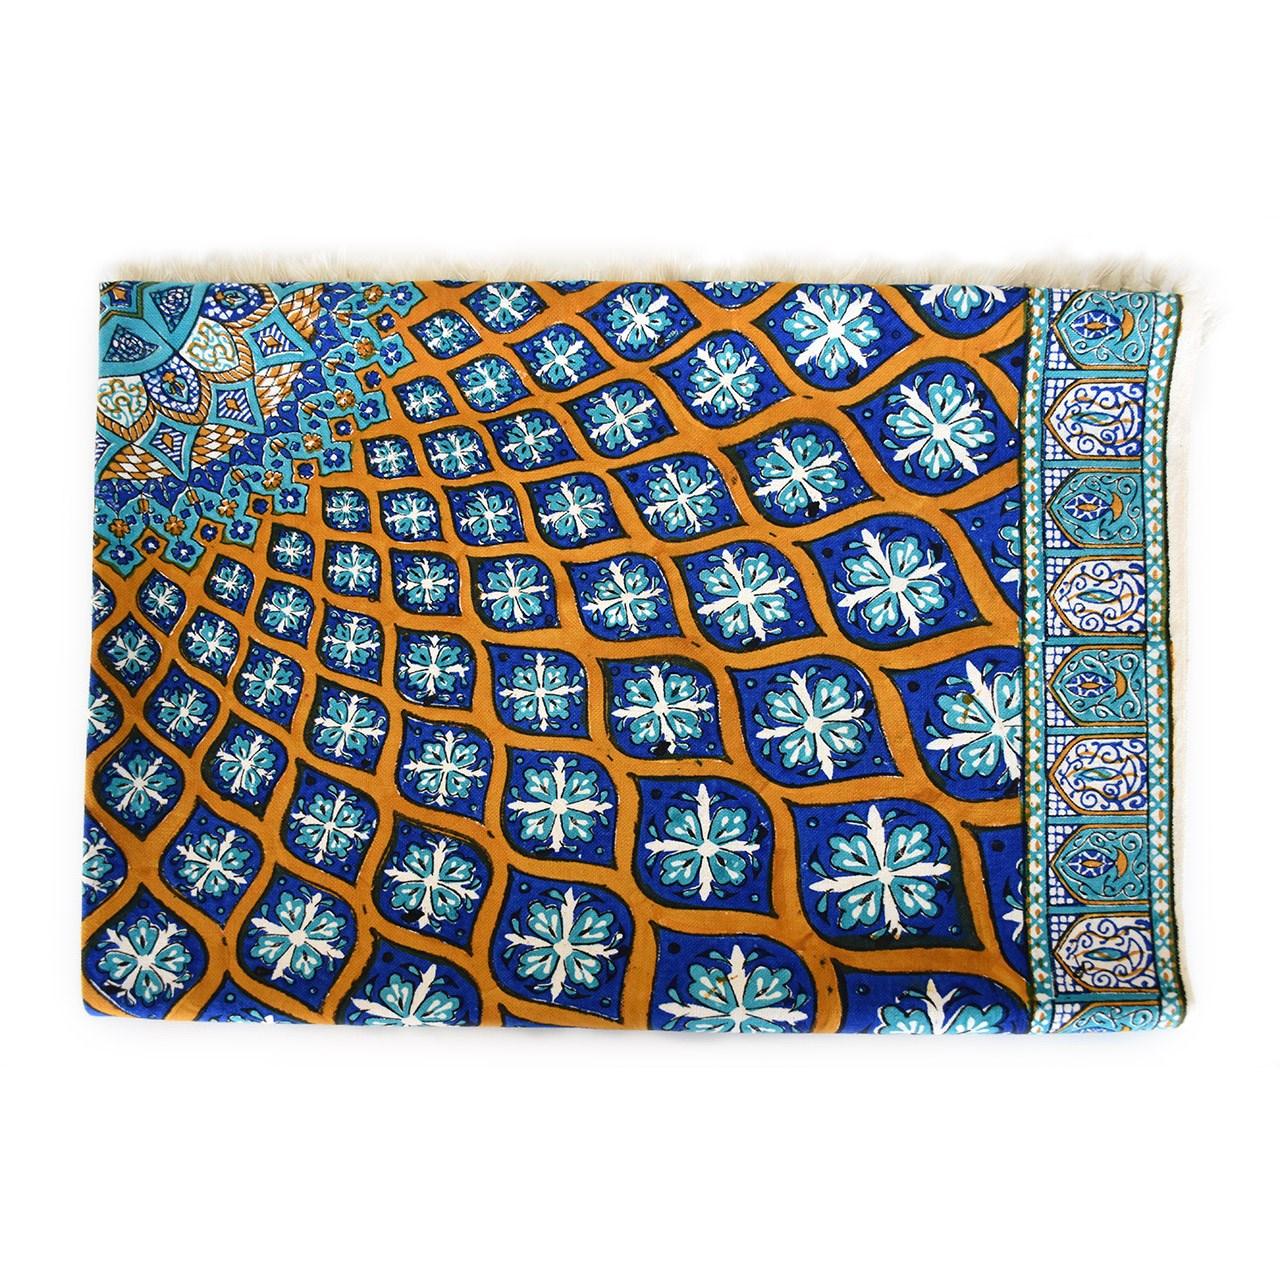 خرید                      سفره قلمکار ممتاز سی دا طرح مسجد شیخ لطف الله کد GH01001 سایز 100 × 150 سانتیمتر